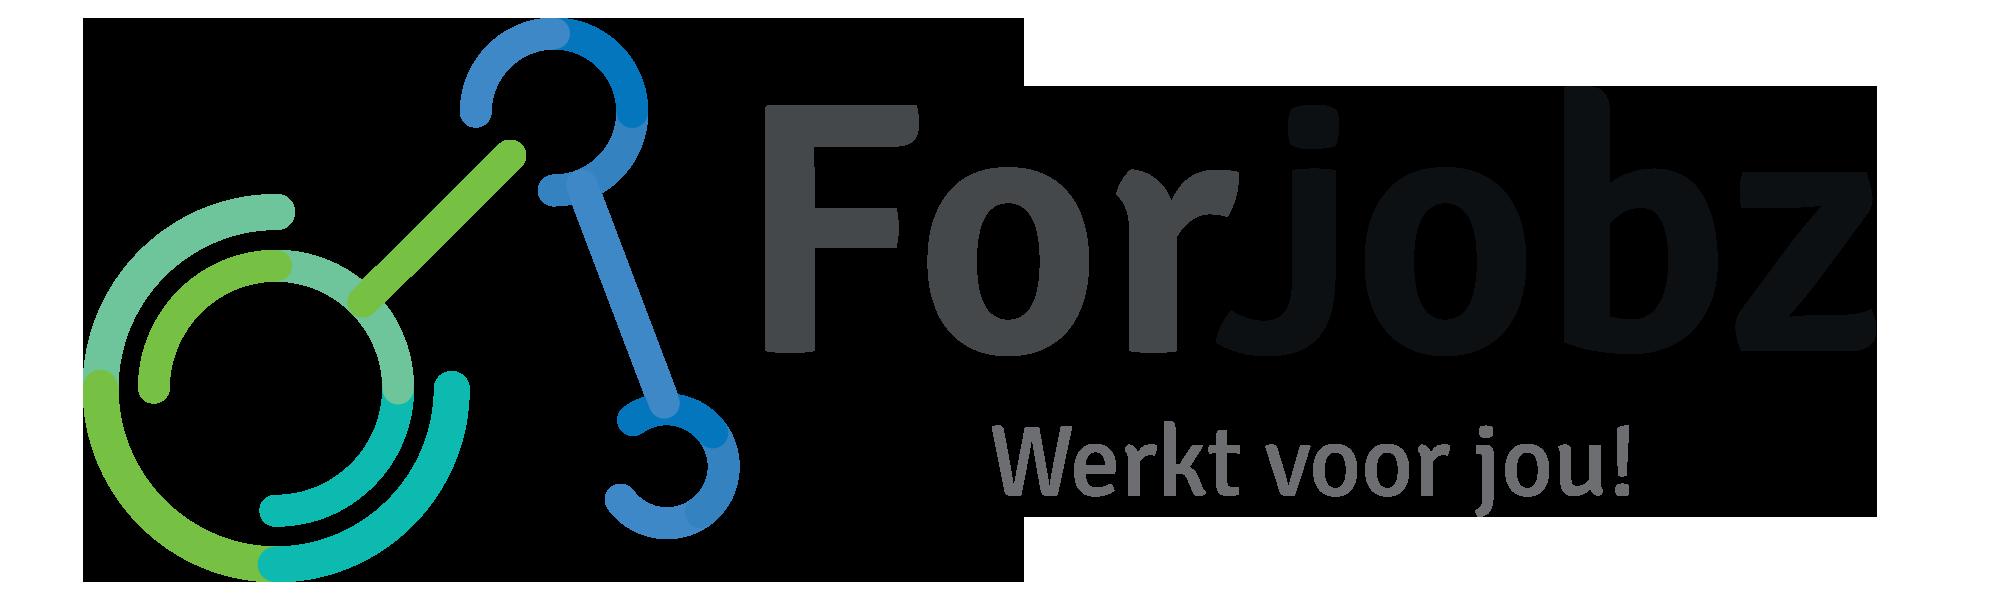 logo-forjobz-rgb